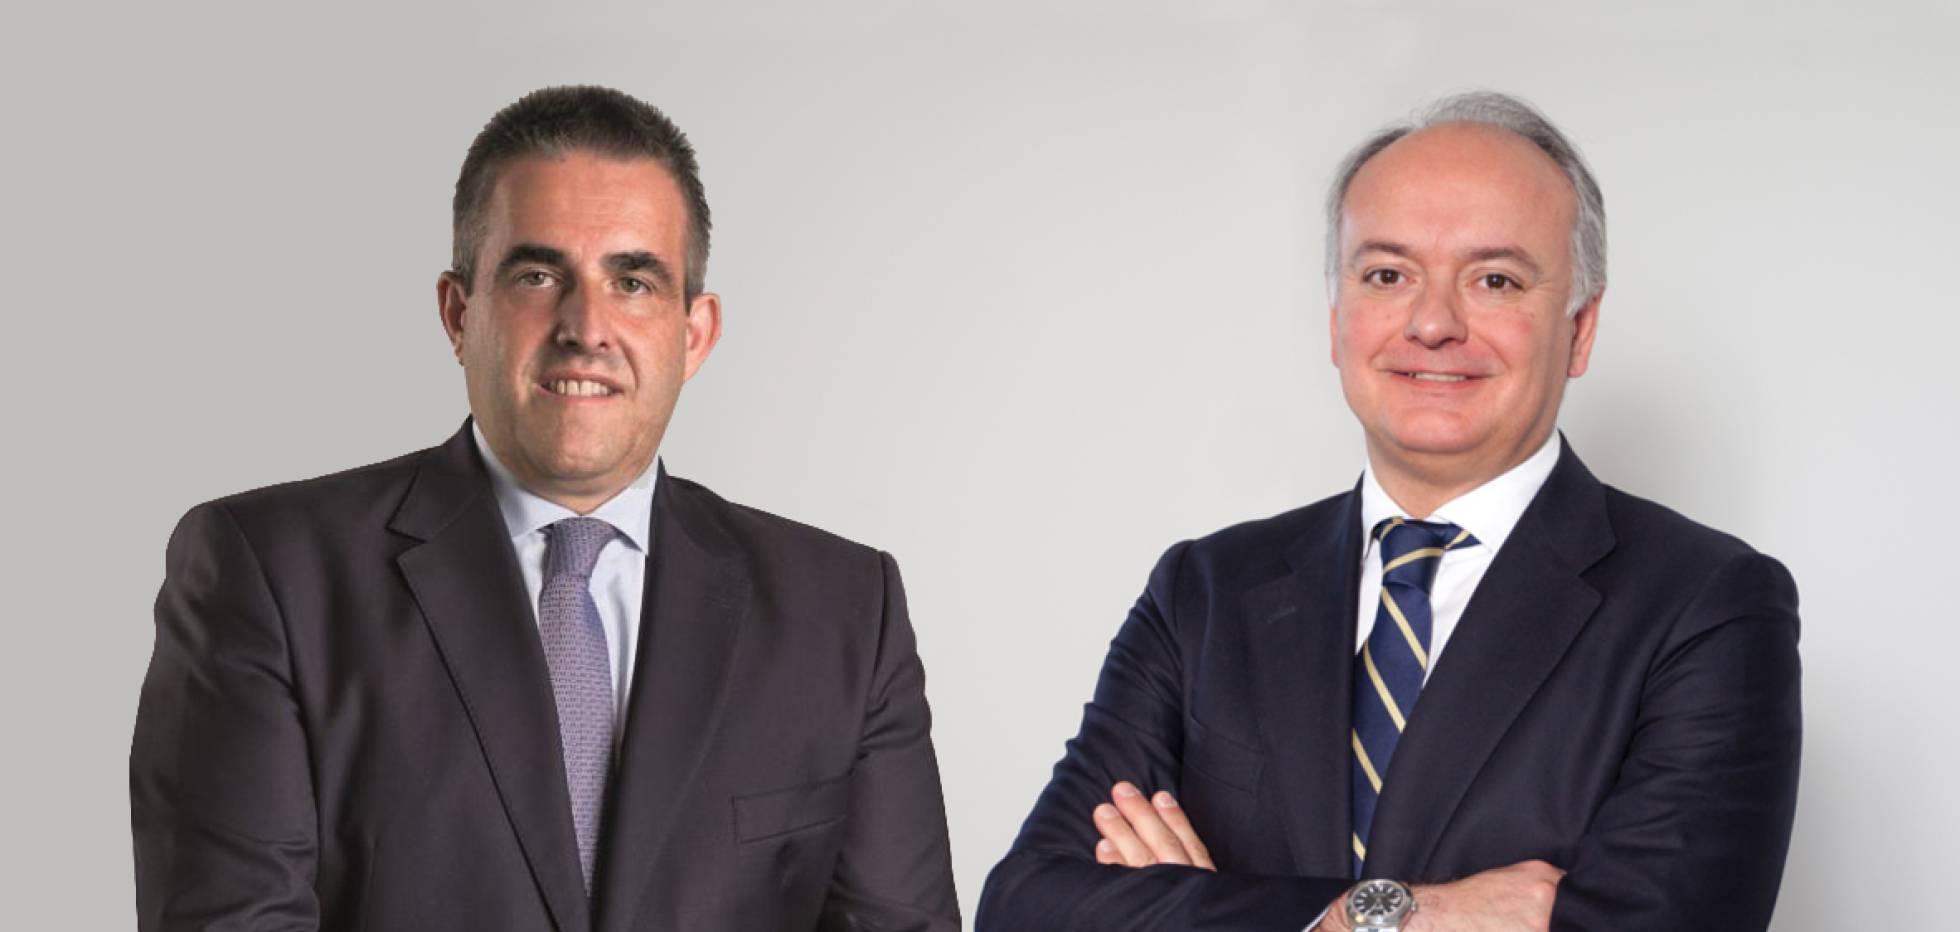 Víctor del Pozo, diretor executivo do El Corte Inglés (esquerda), e Javier Catena, responsável de Real Estate da empresa